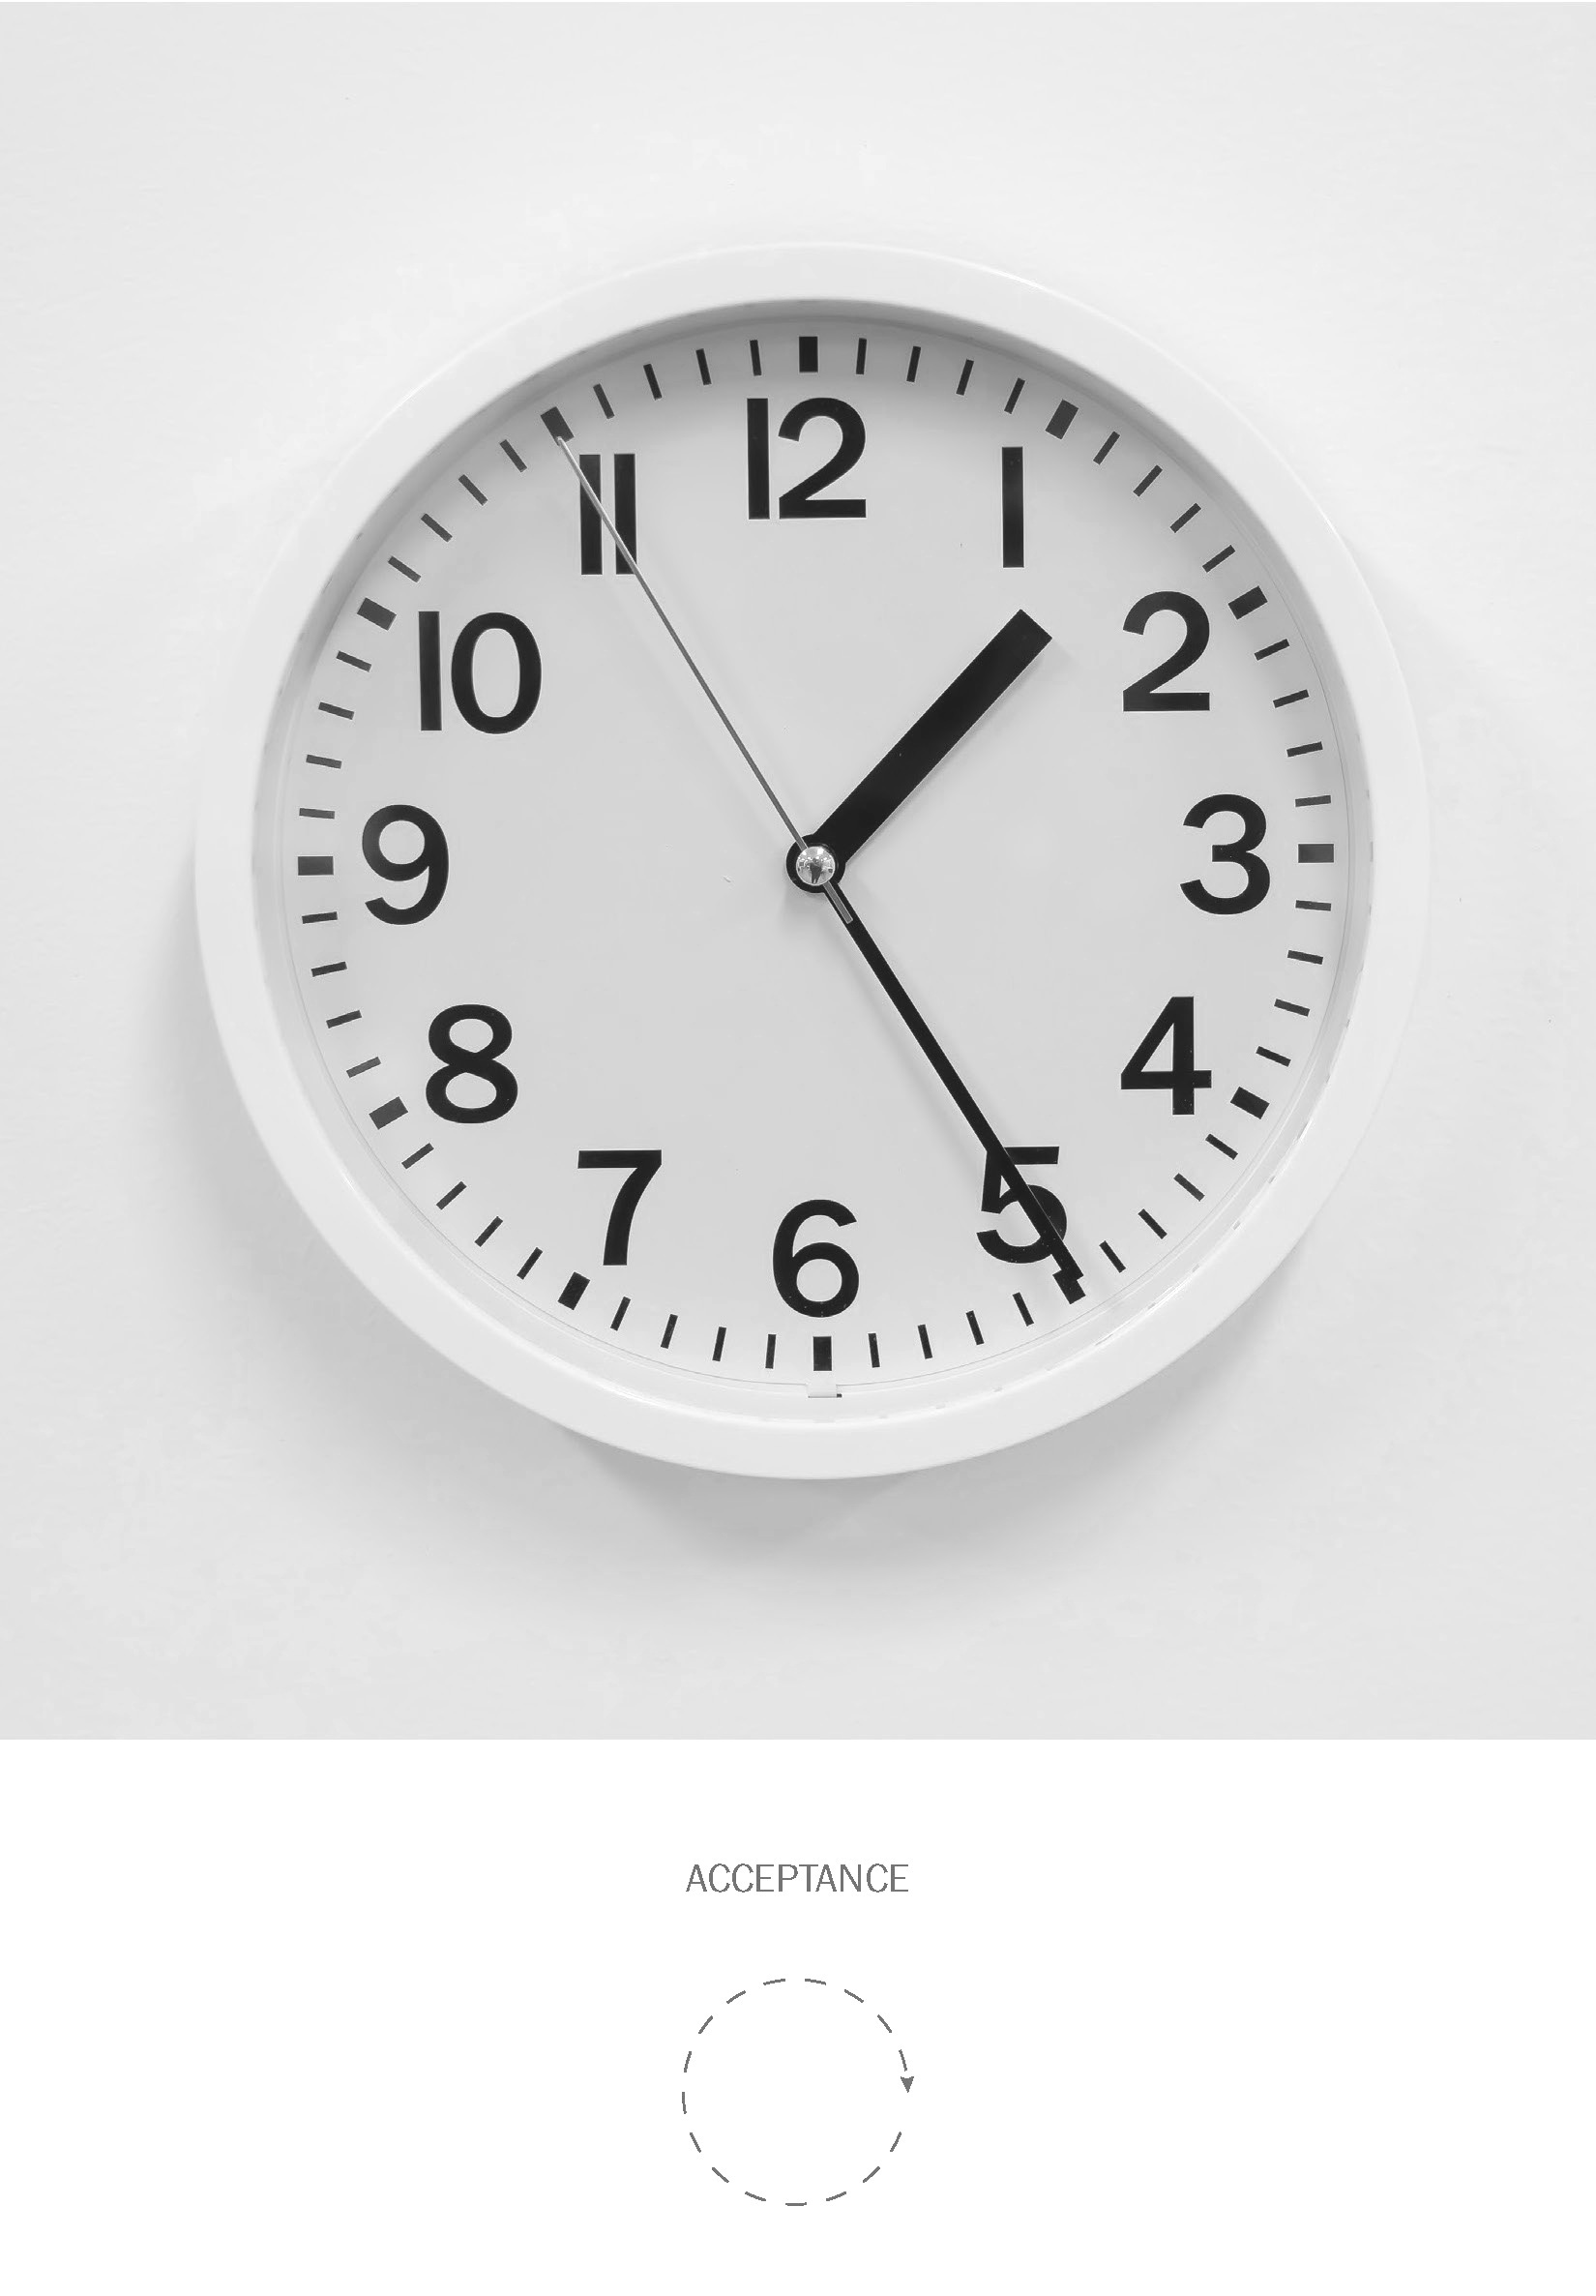 clocks_Page_8.jpg